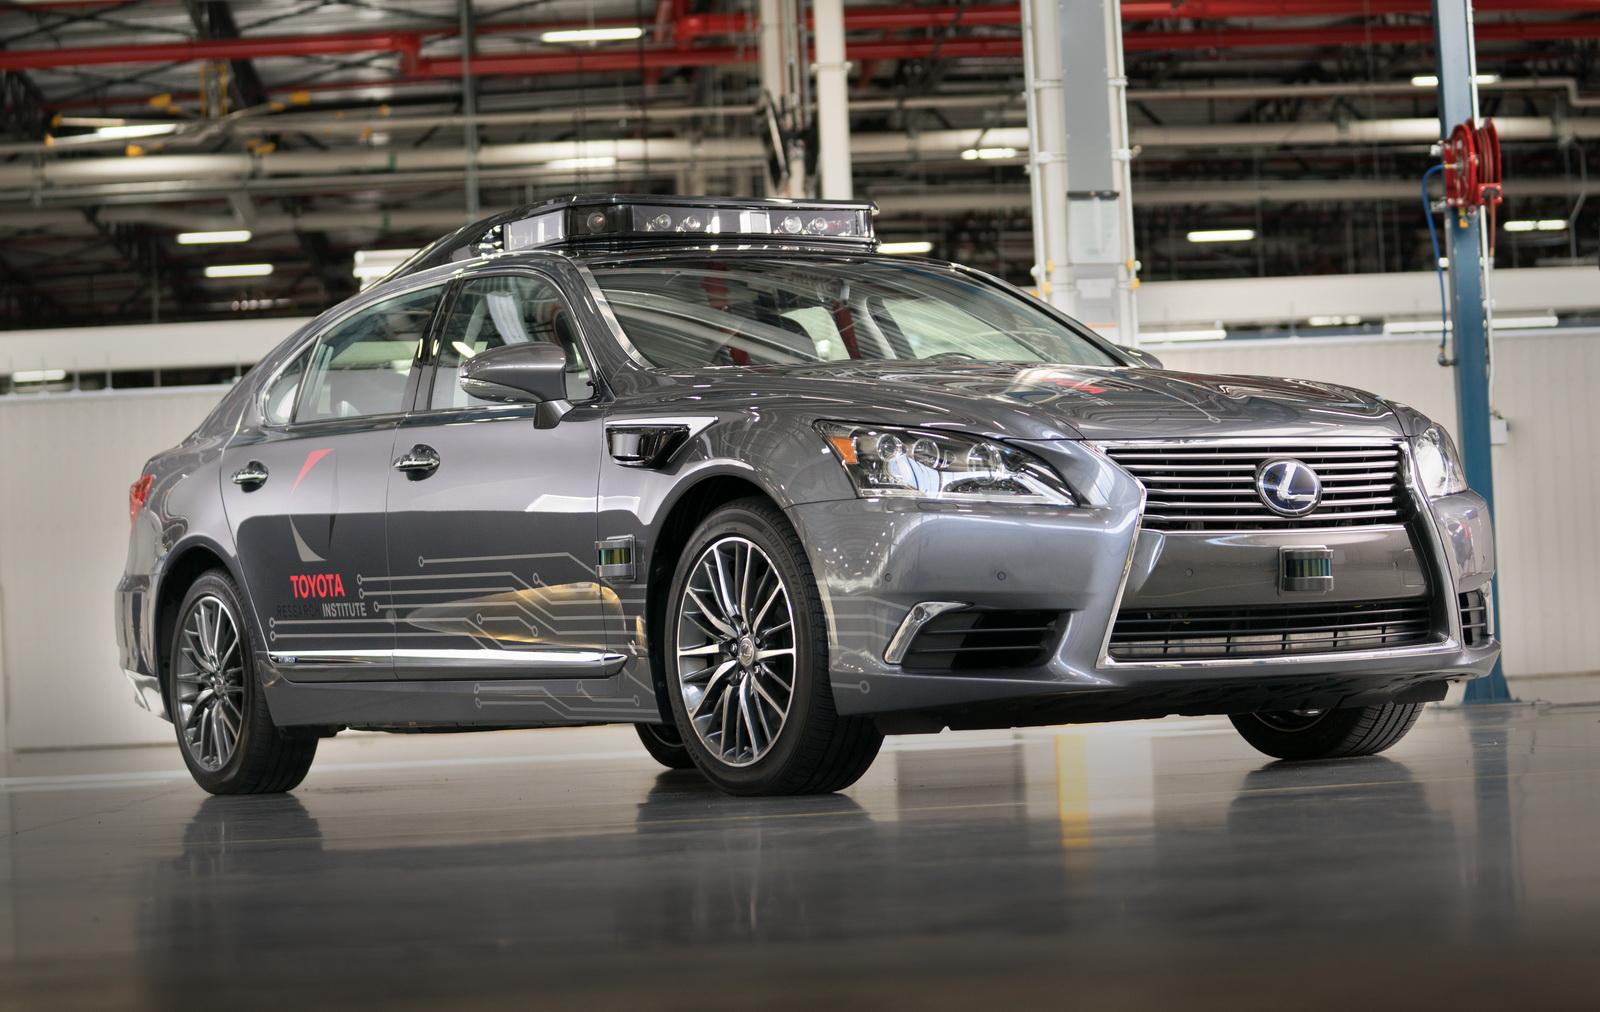 Toyota presenta su coche autónomo 3.0